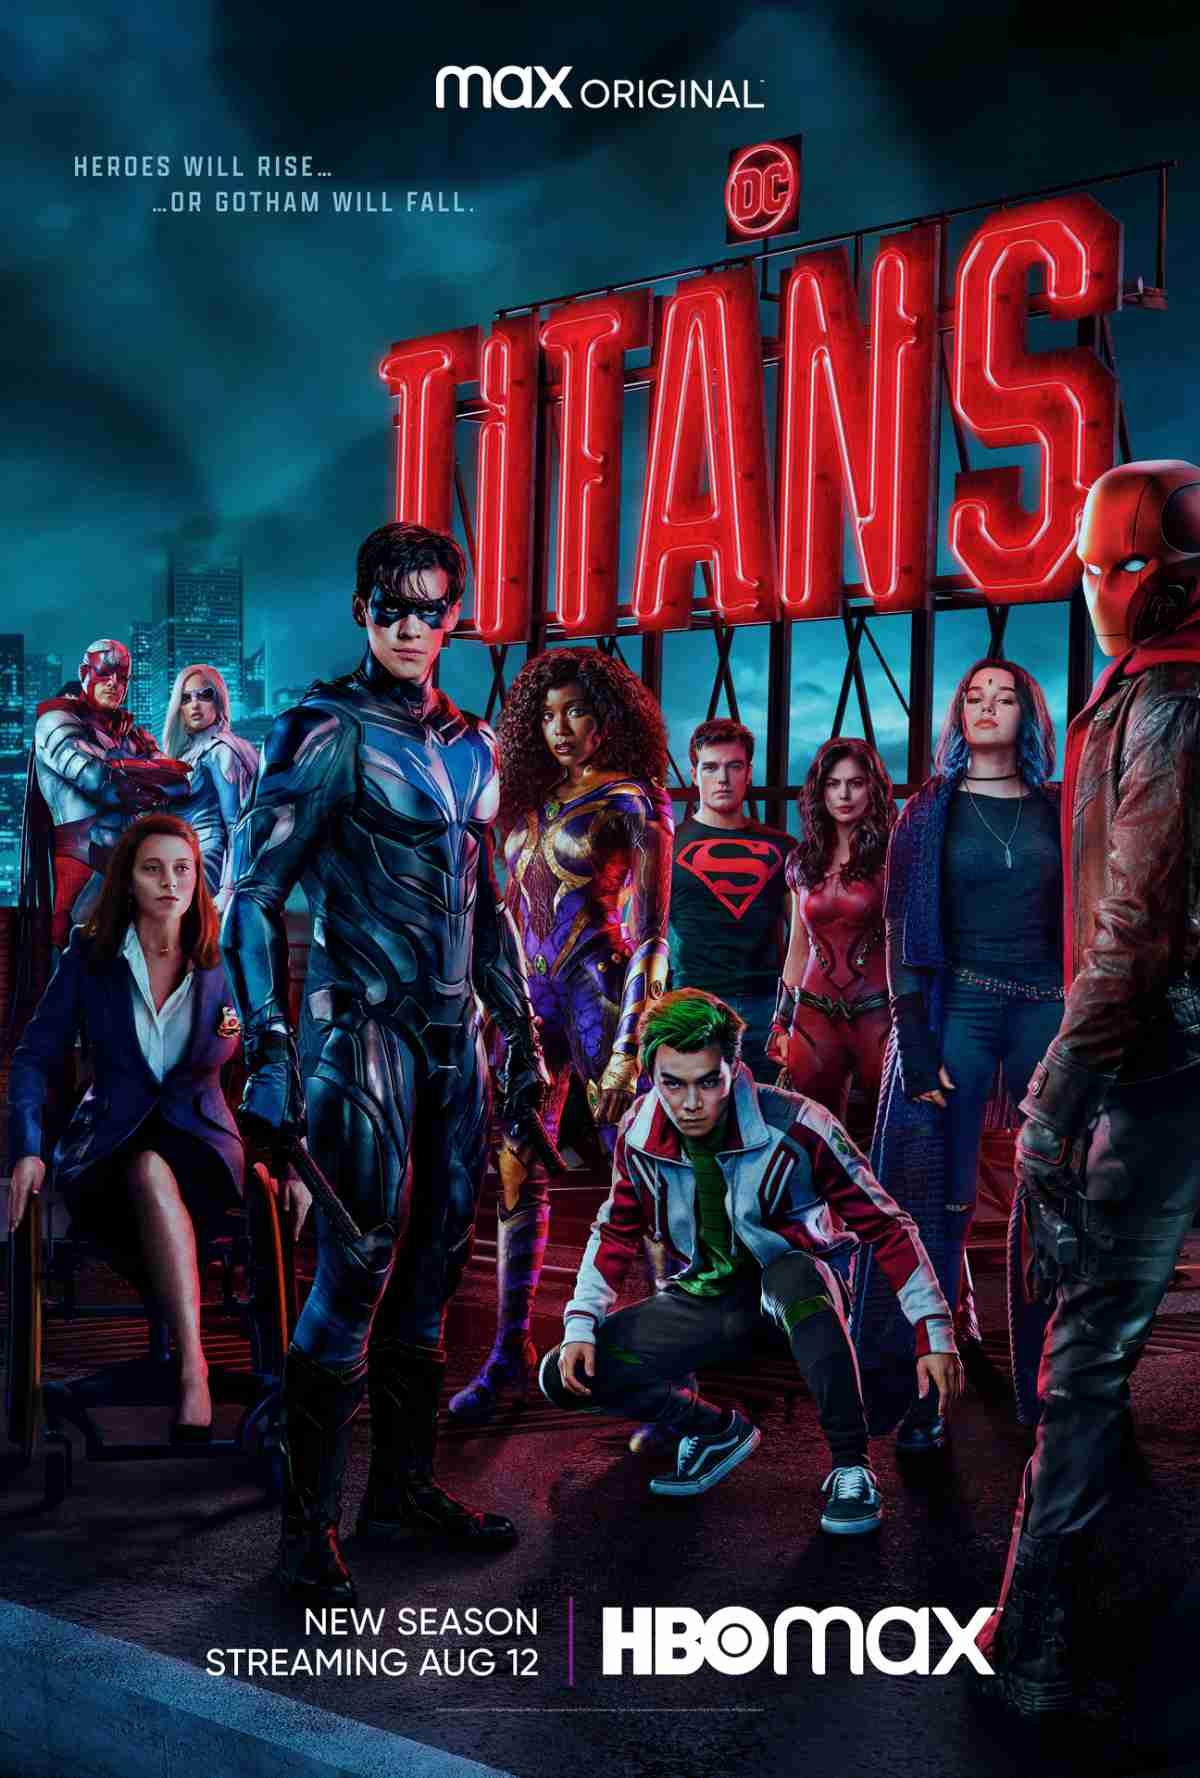 Titans Terceira Temporada   Capuz Vermelho conquistando Gotham City em trailer da HBO MAX